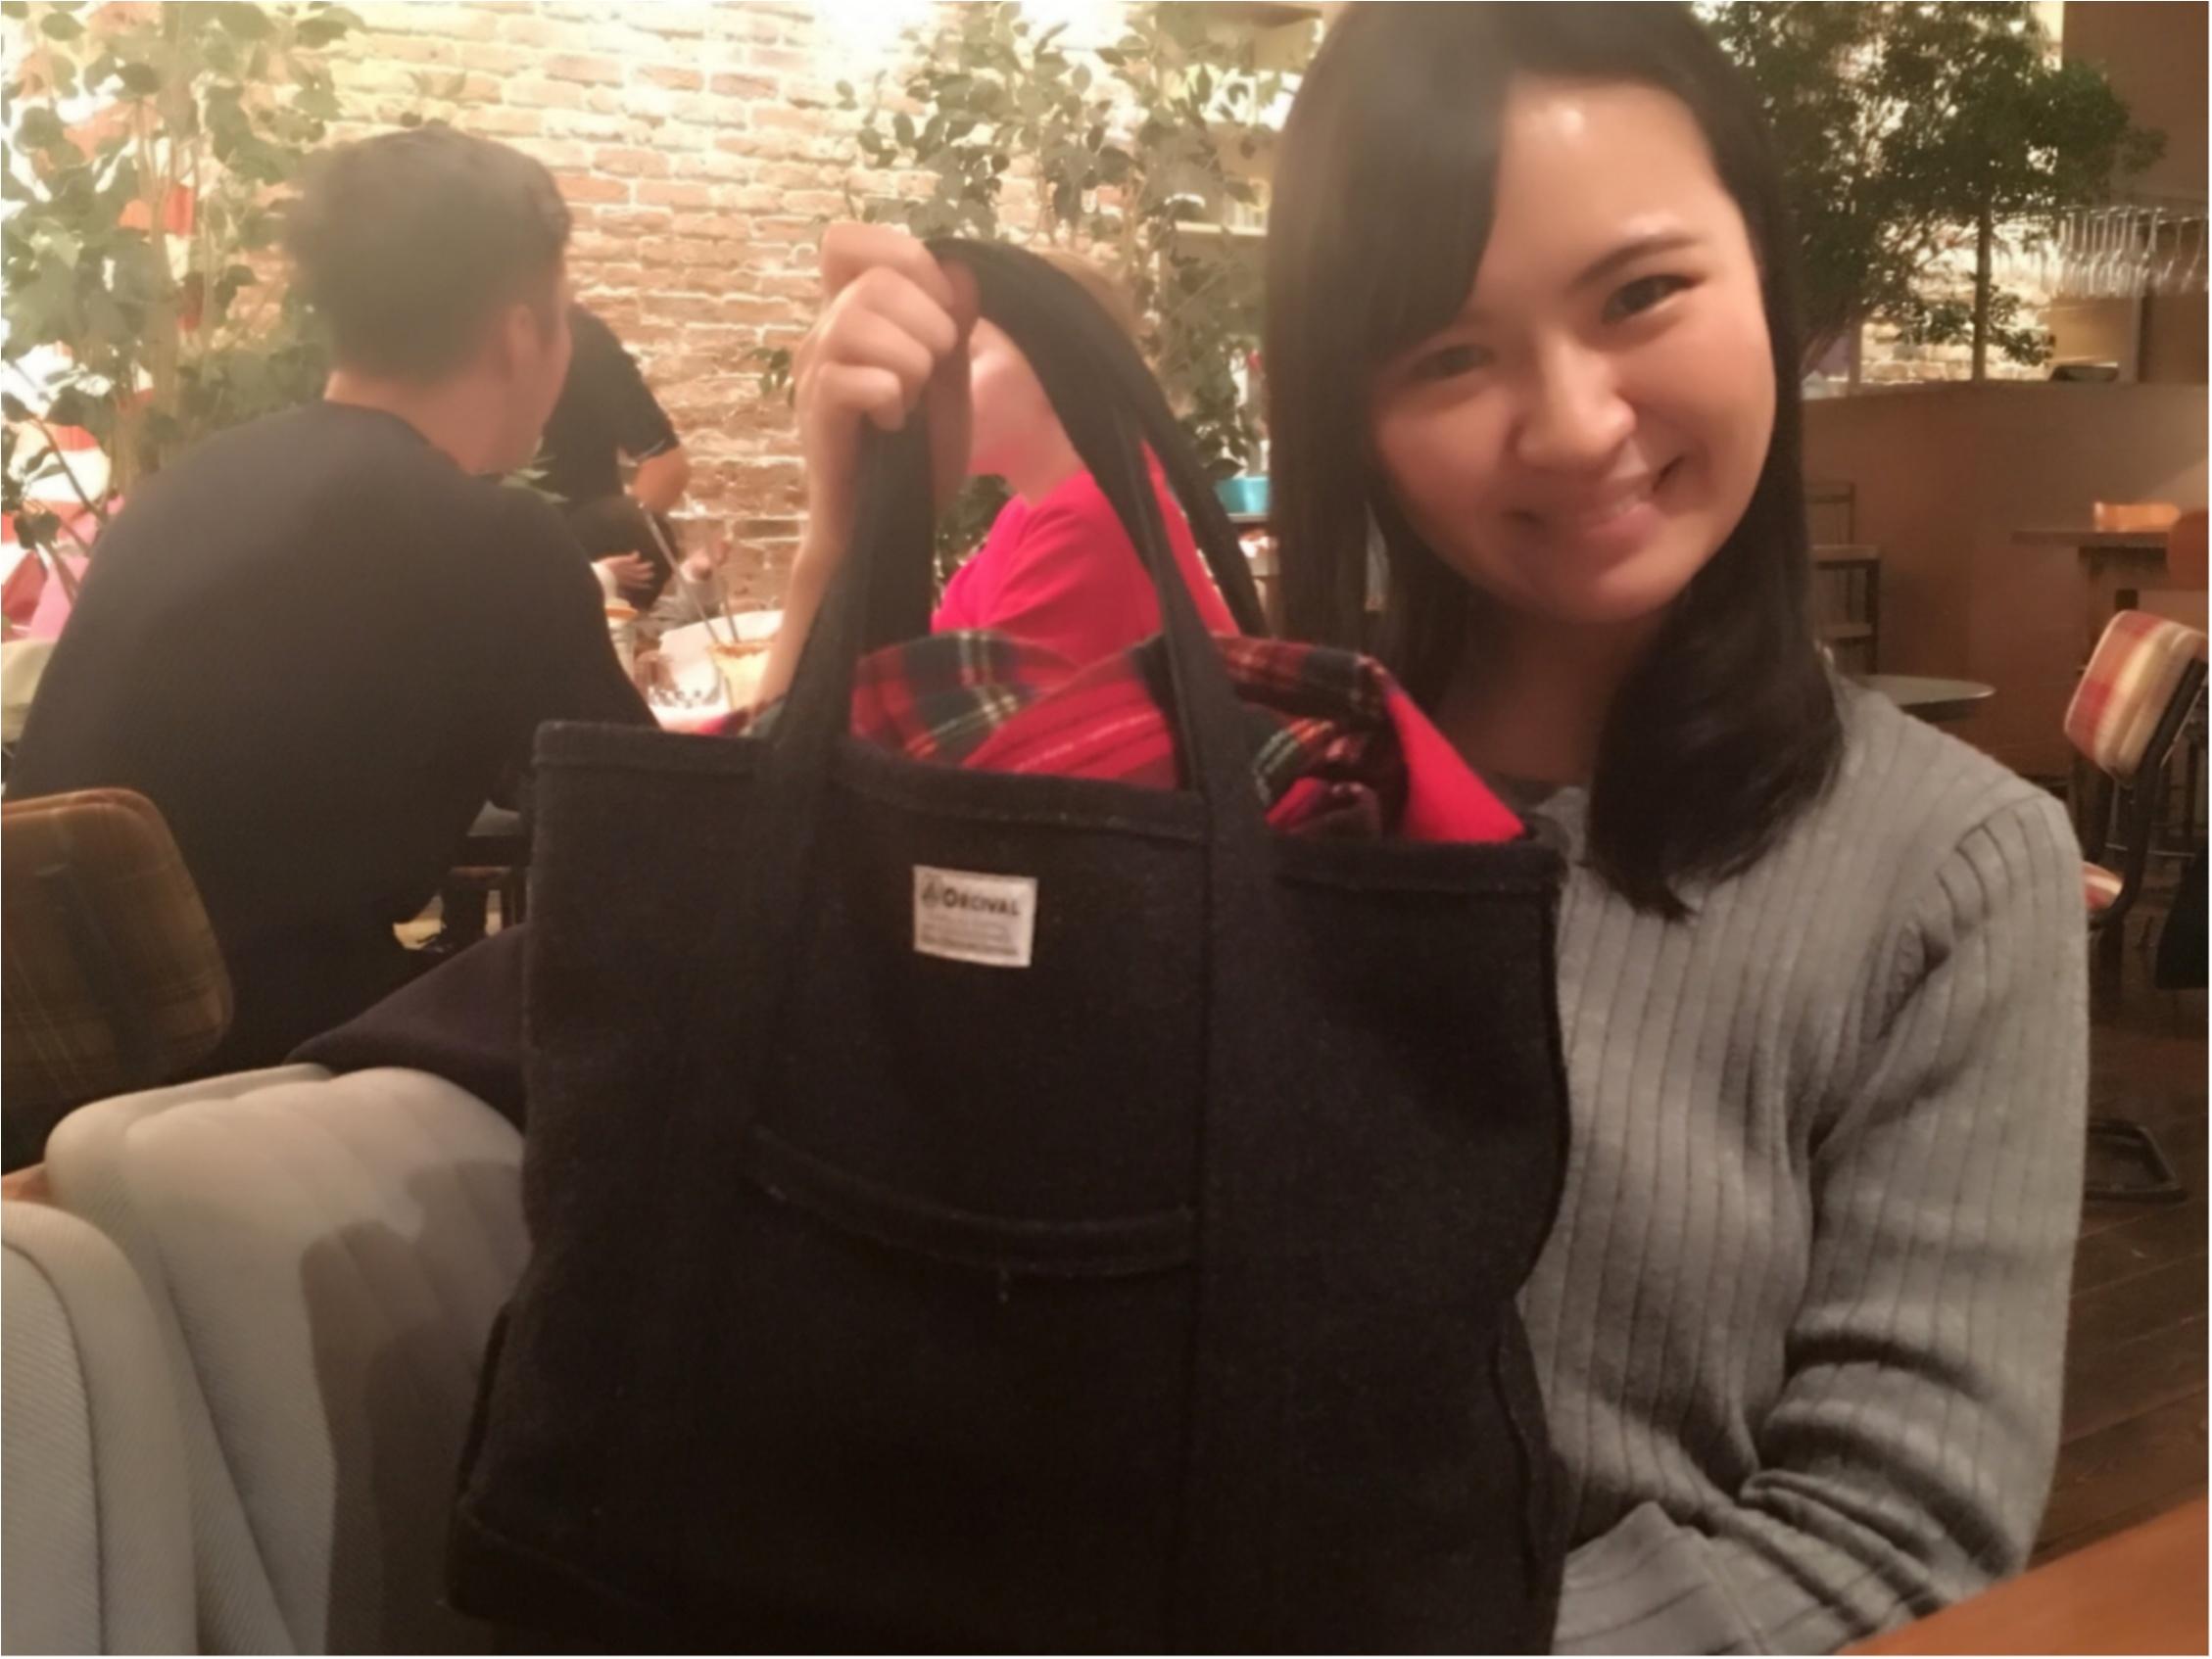 みんなどんなバッグ使ってるの? 憧れブランドもまとめて「愛用バッグ」まとめ♡♡_1_15